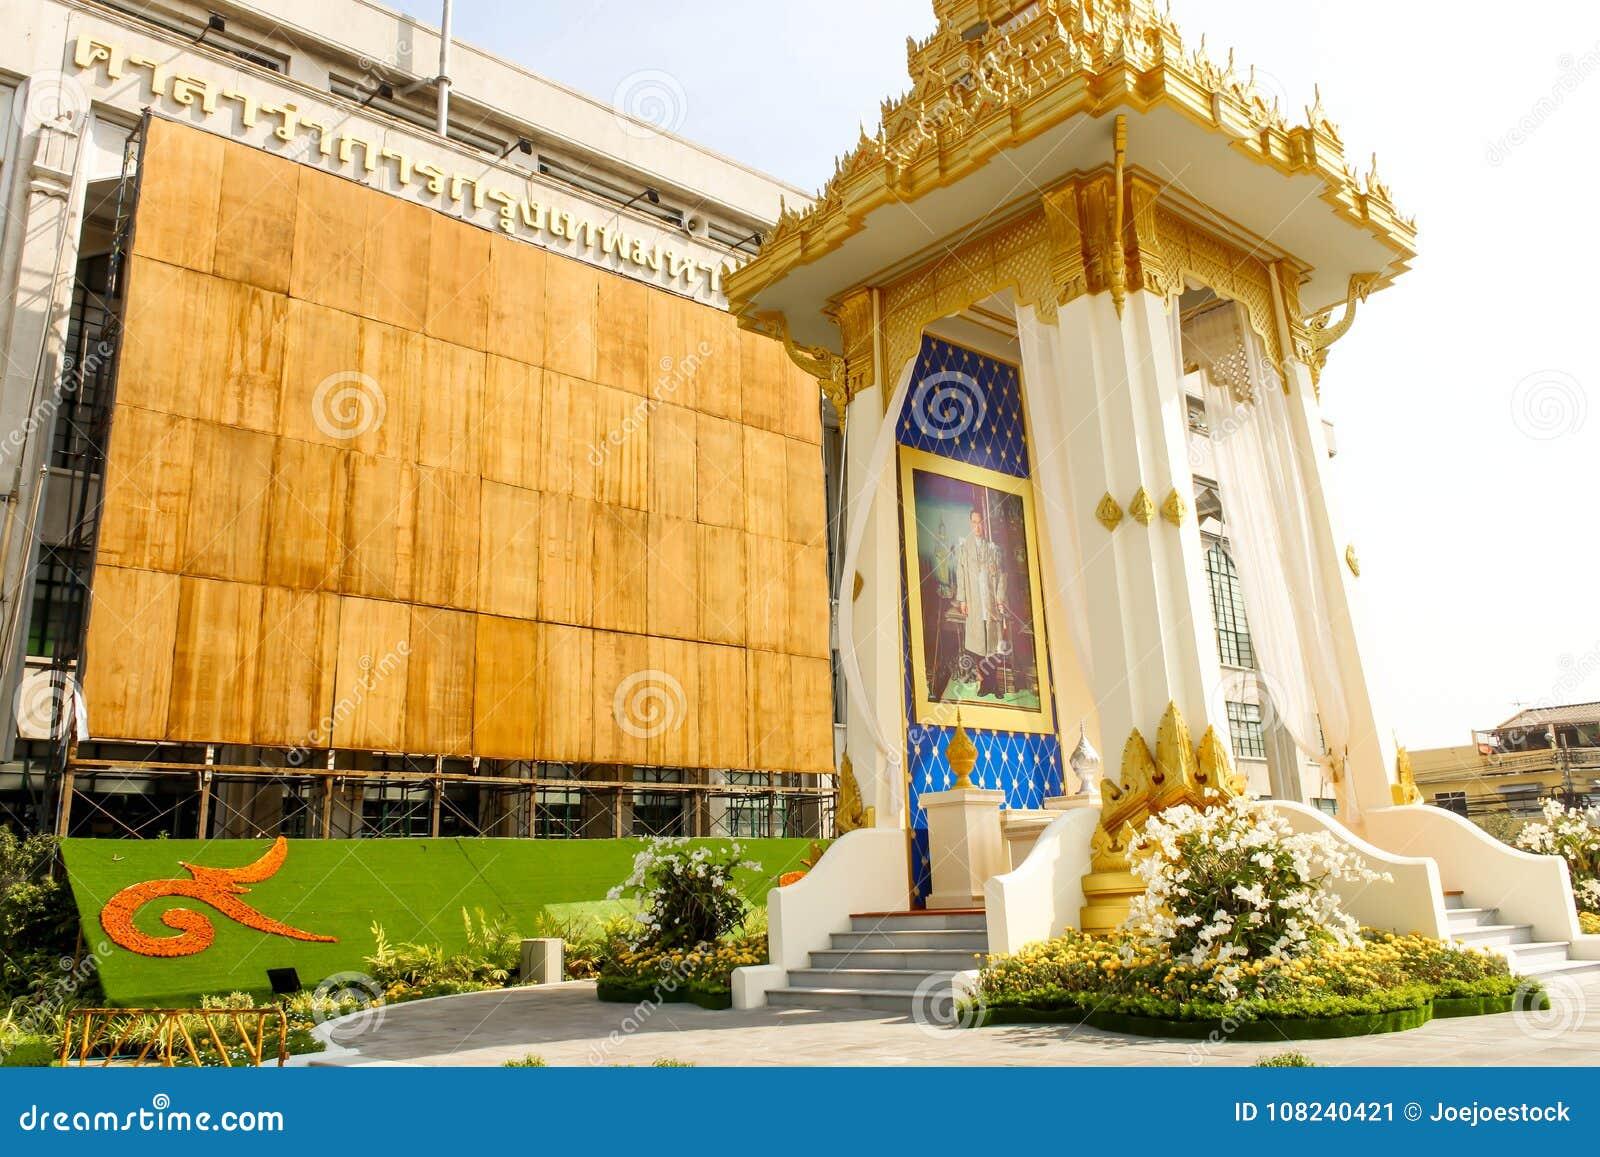 Schönheit der königlichen Krematoriums-Replik an der Bangkok-Großstadtbewohner-Verwaltung